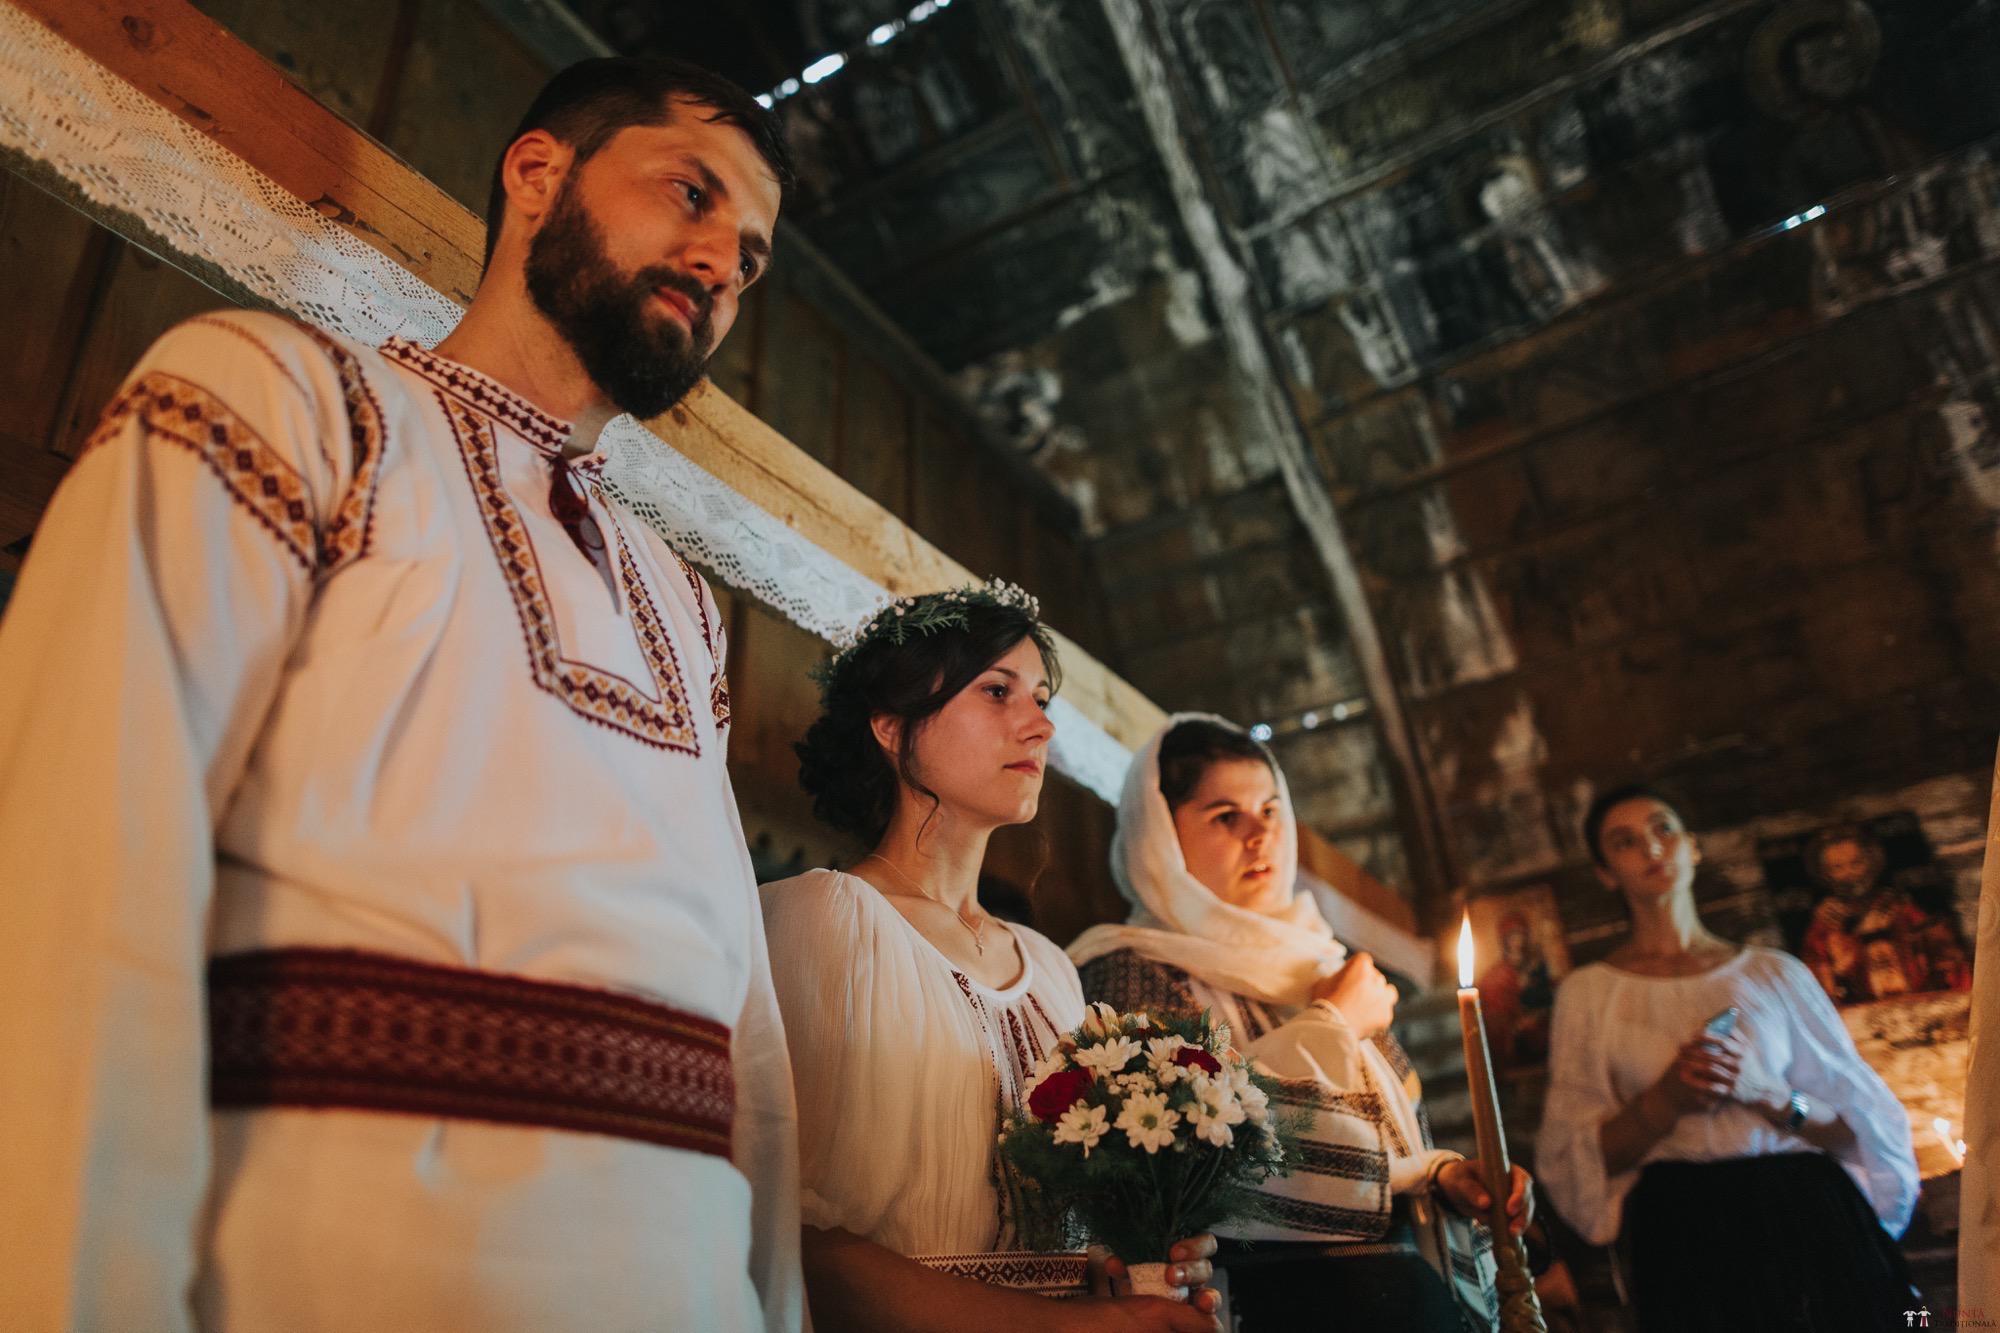 Povești Nunți Tradiționale - Diana și Bogdan. Nuntă tradițională în Găbud, Alba 11